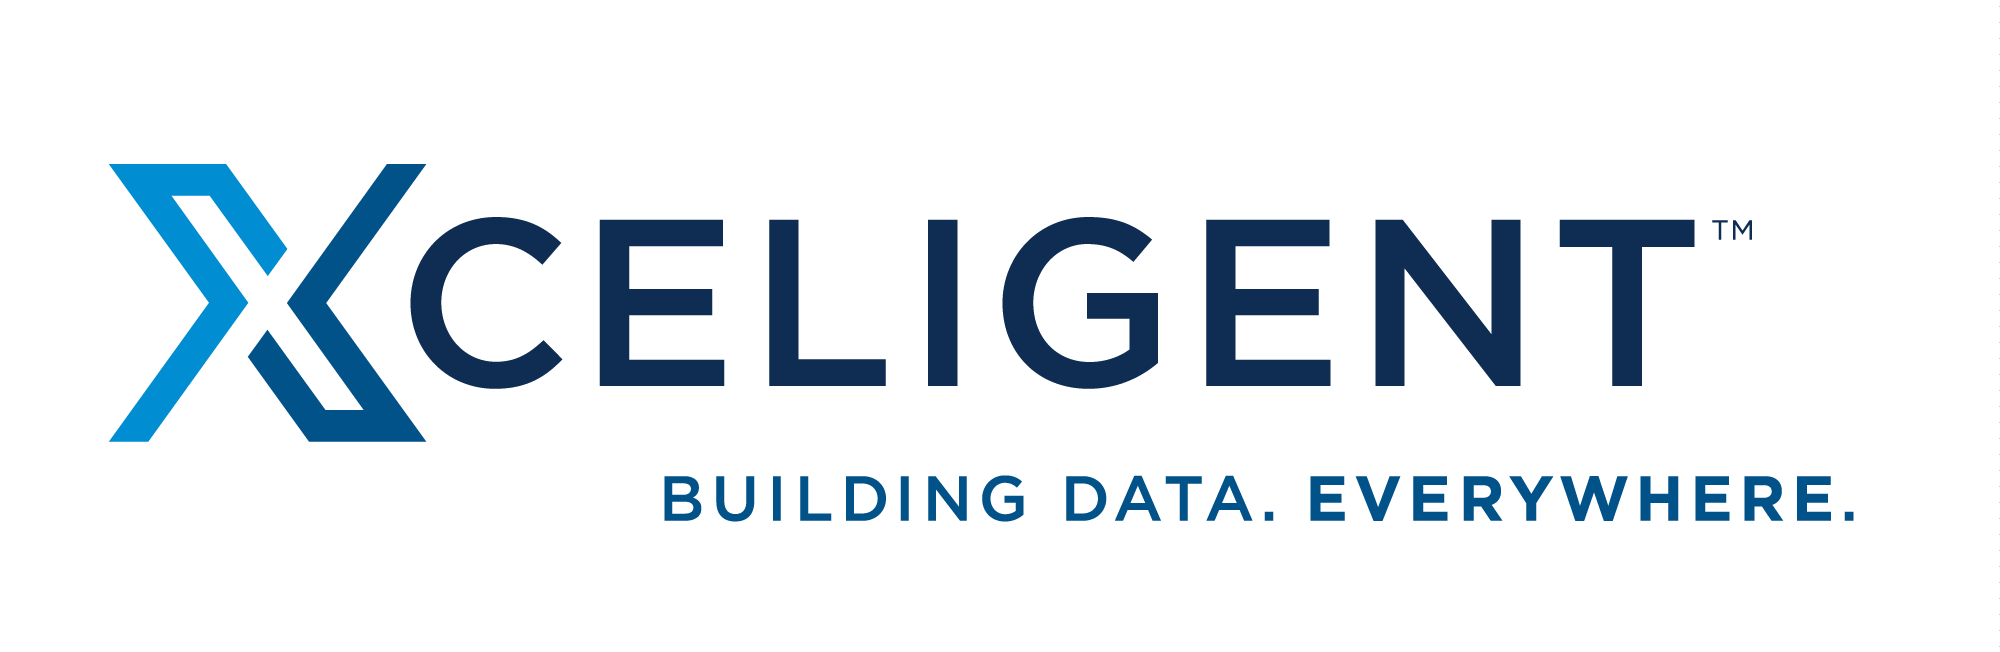 Xceligent_PrimaryLogo_Tagline.png